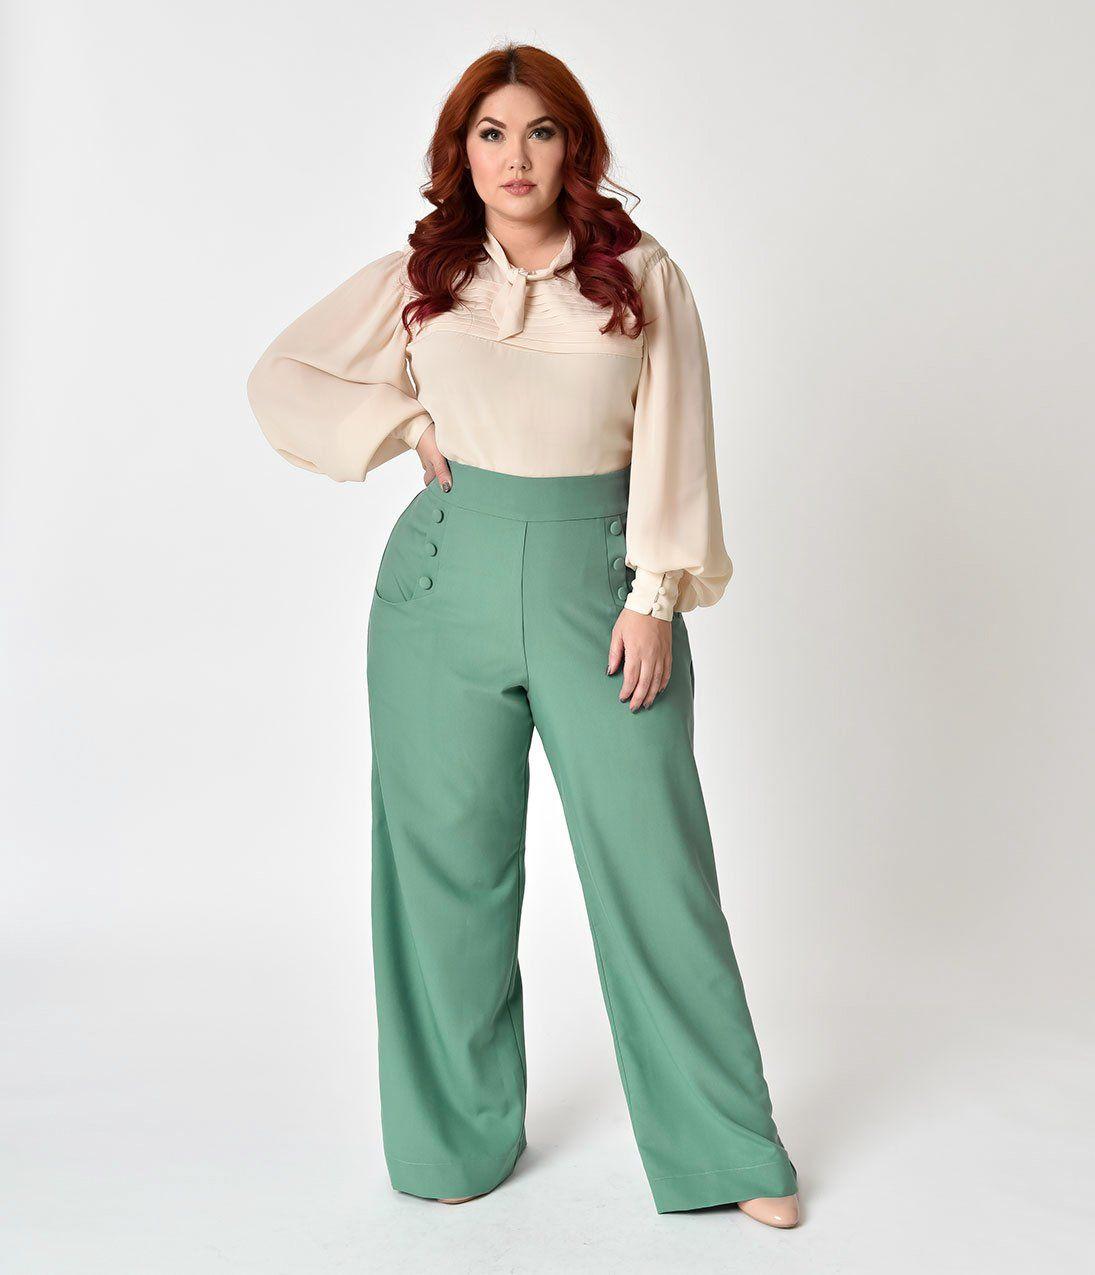 aa1c574f81a 1950s Plus Size Dresses